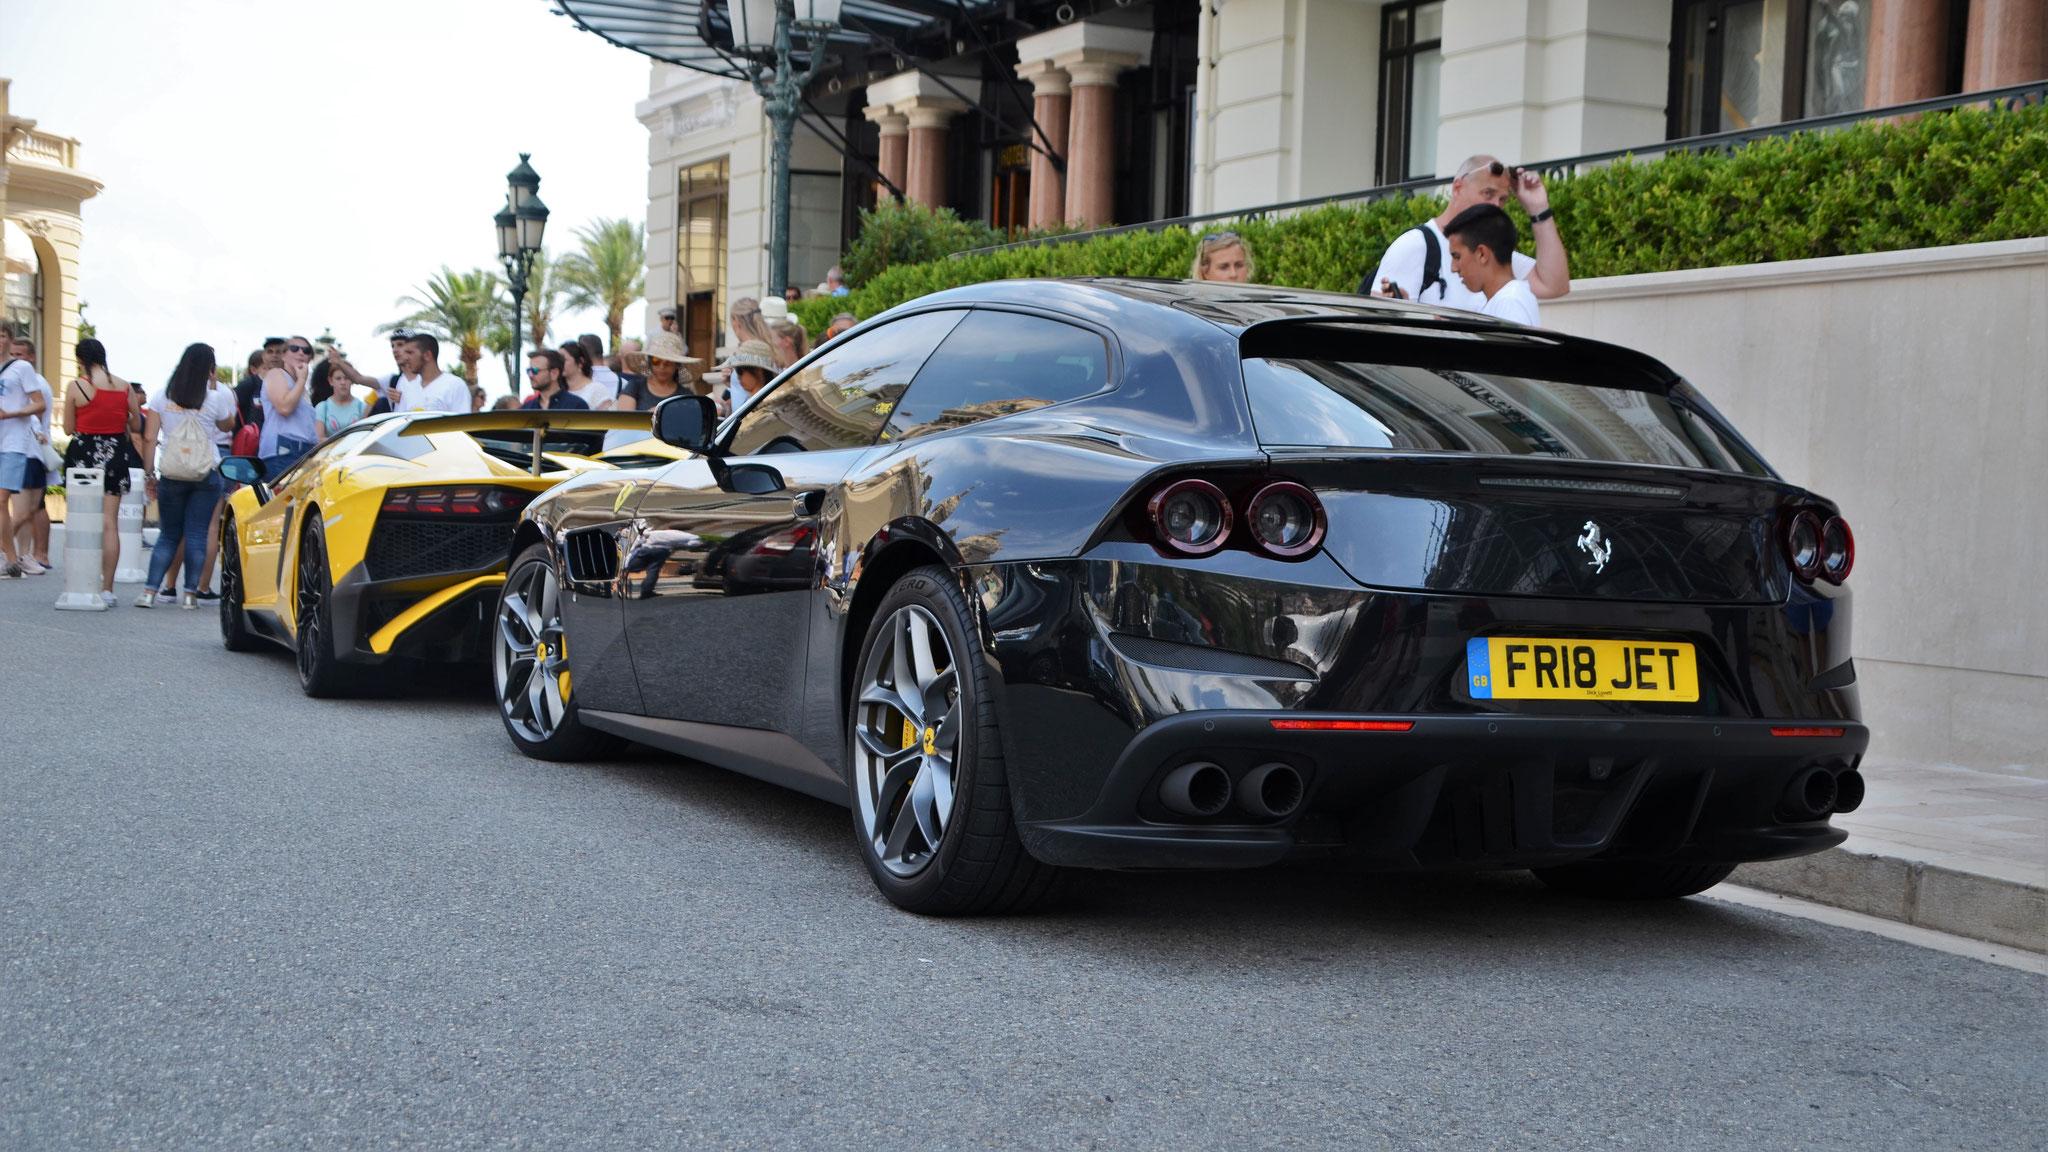 Ferrari GTC4 Lusso - FR18-JET (GB)